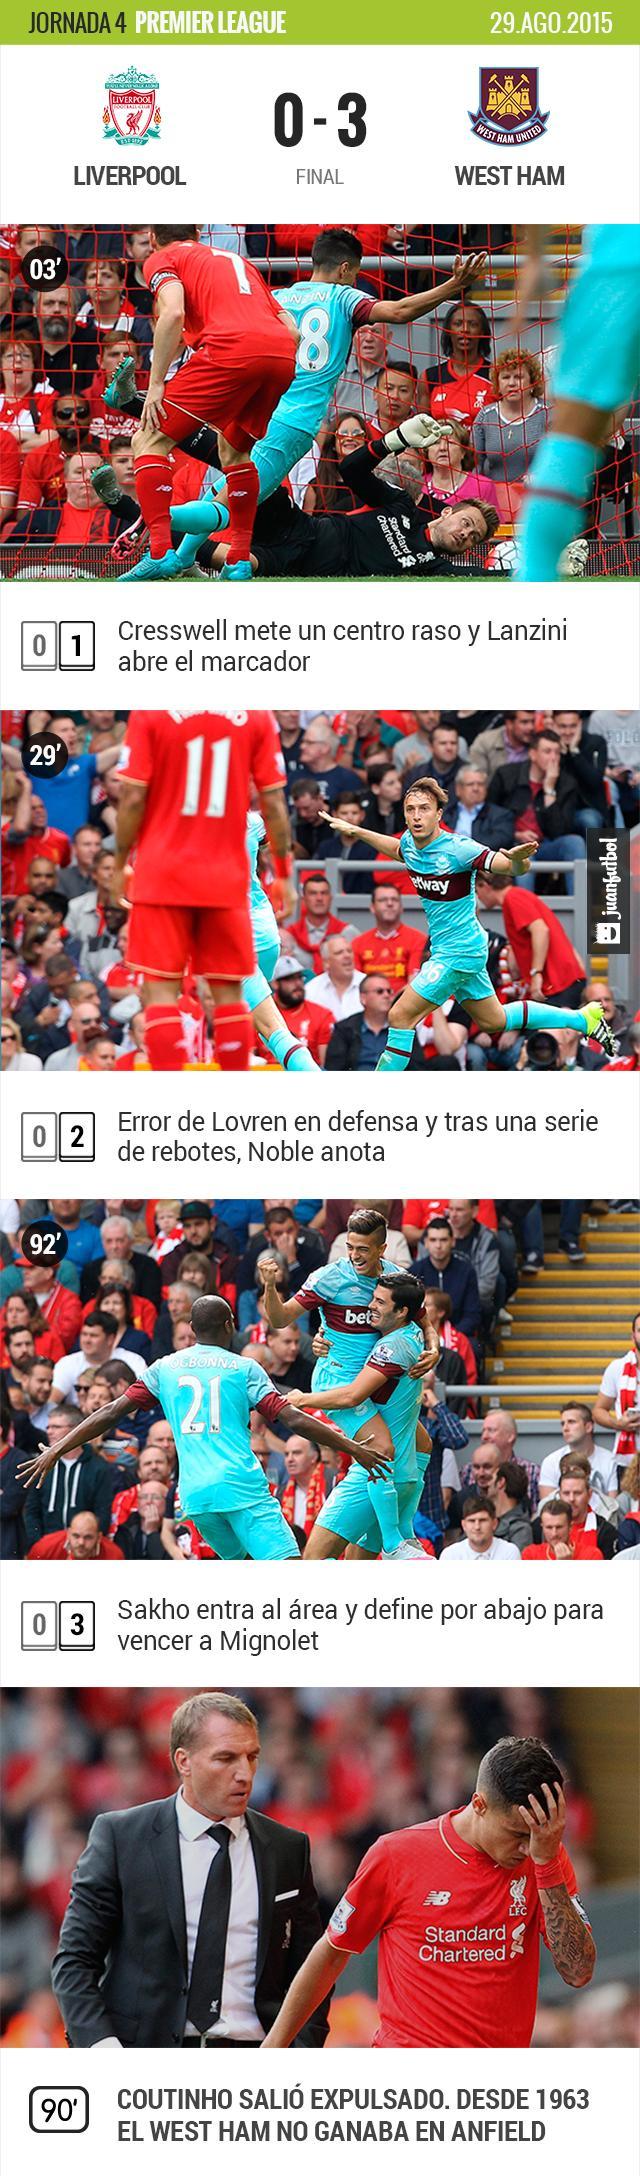 Liverpool pierde frente al West Ham por 3-0 en Anfield. Coutinho salió expulsado y no jugará frente al Manchester United.